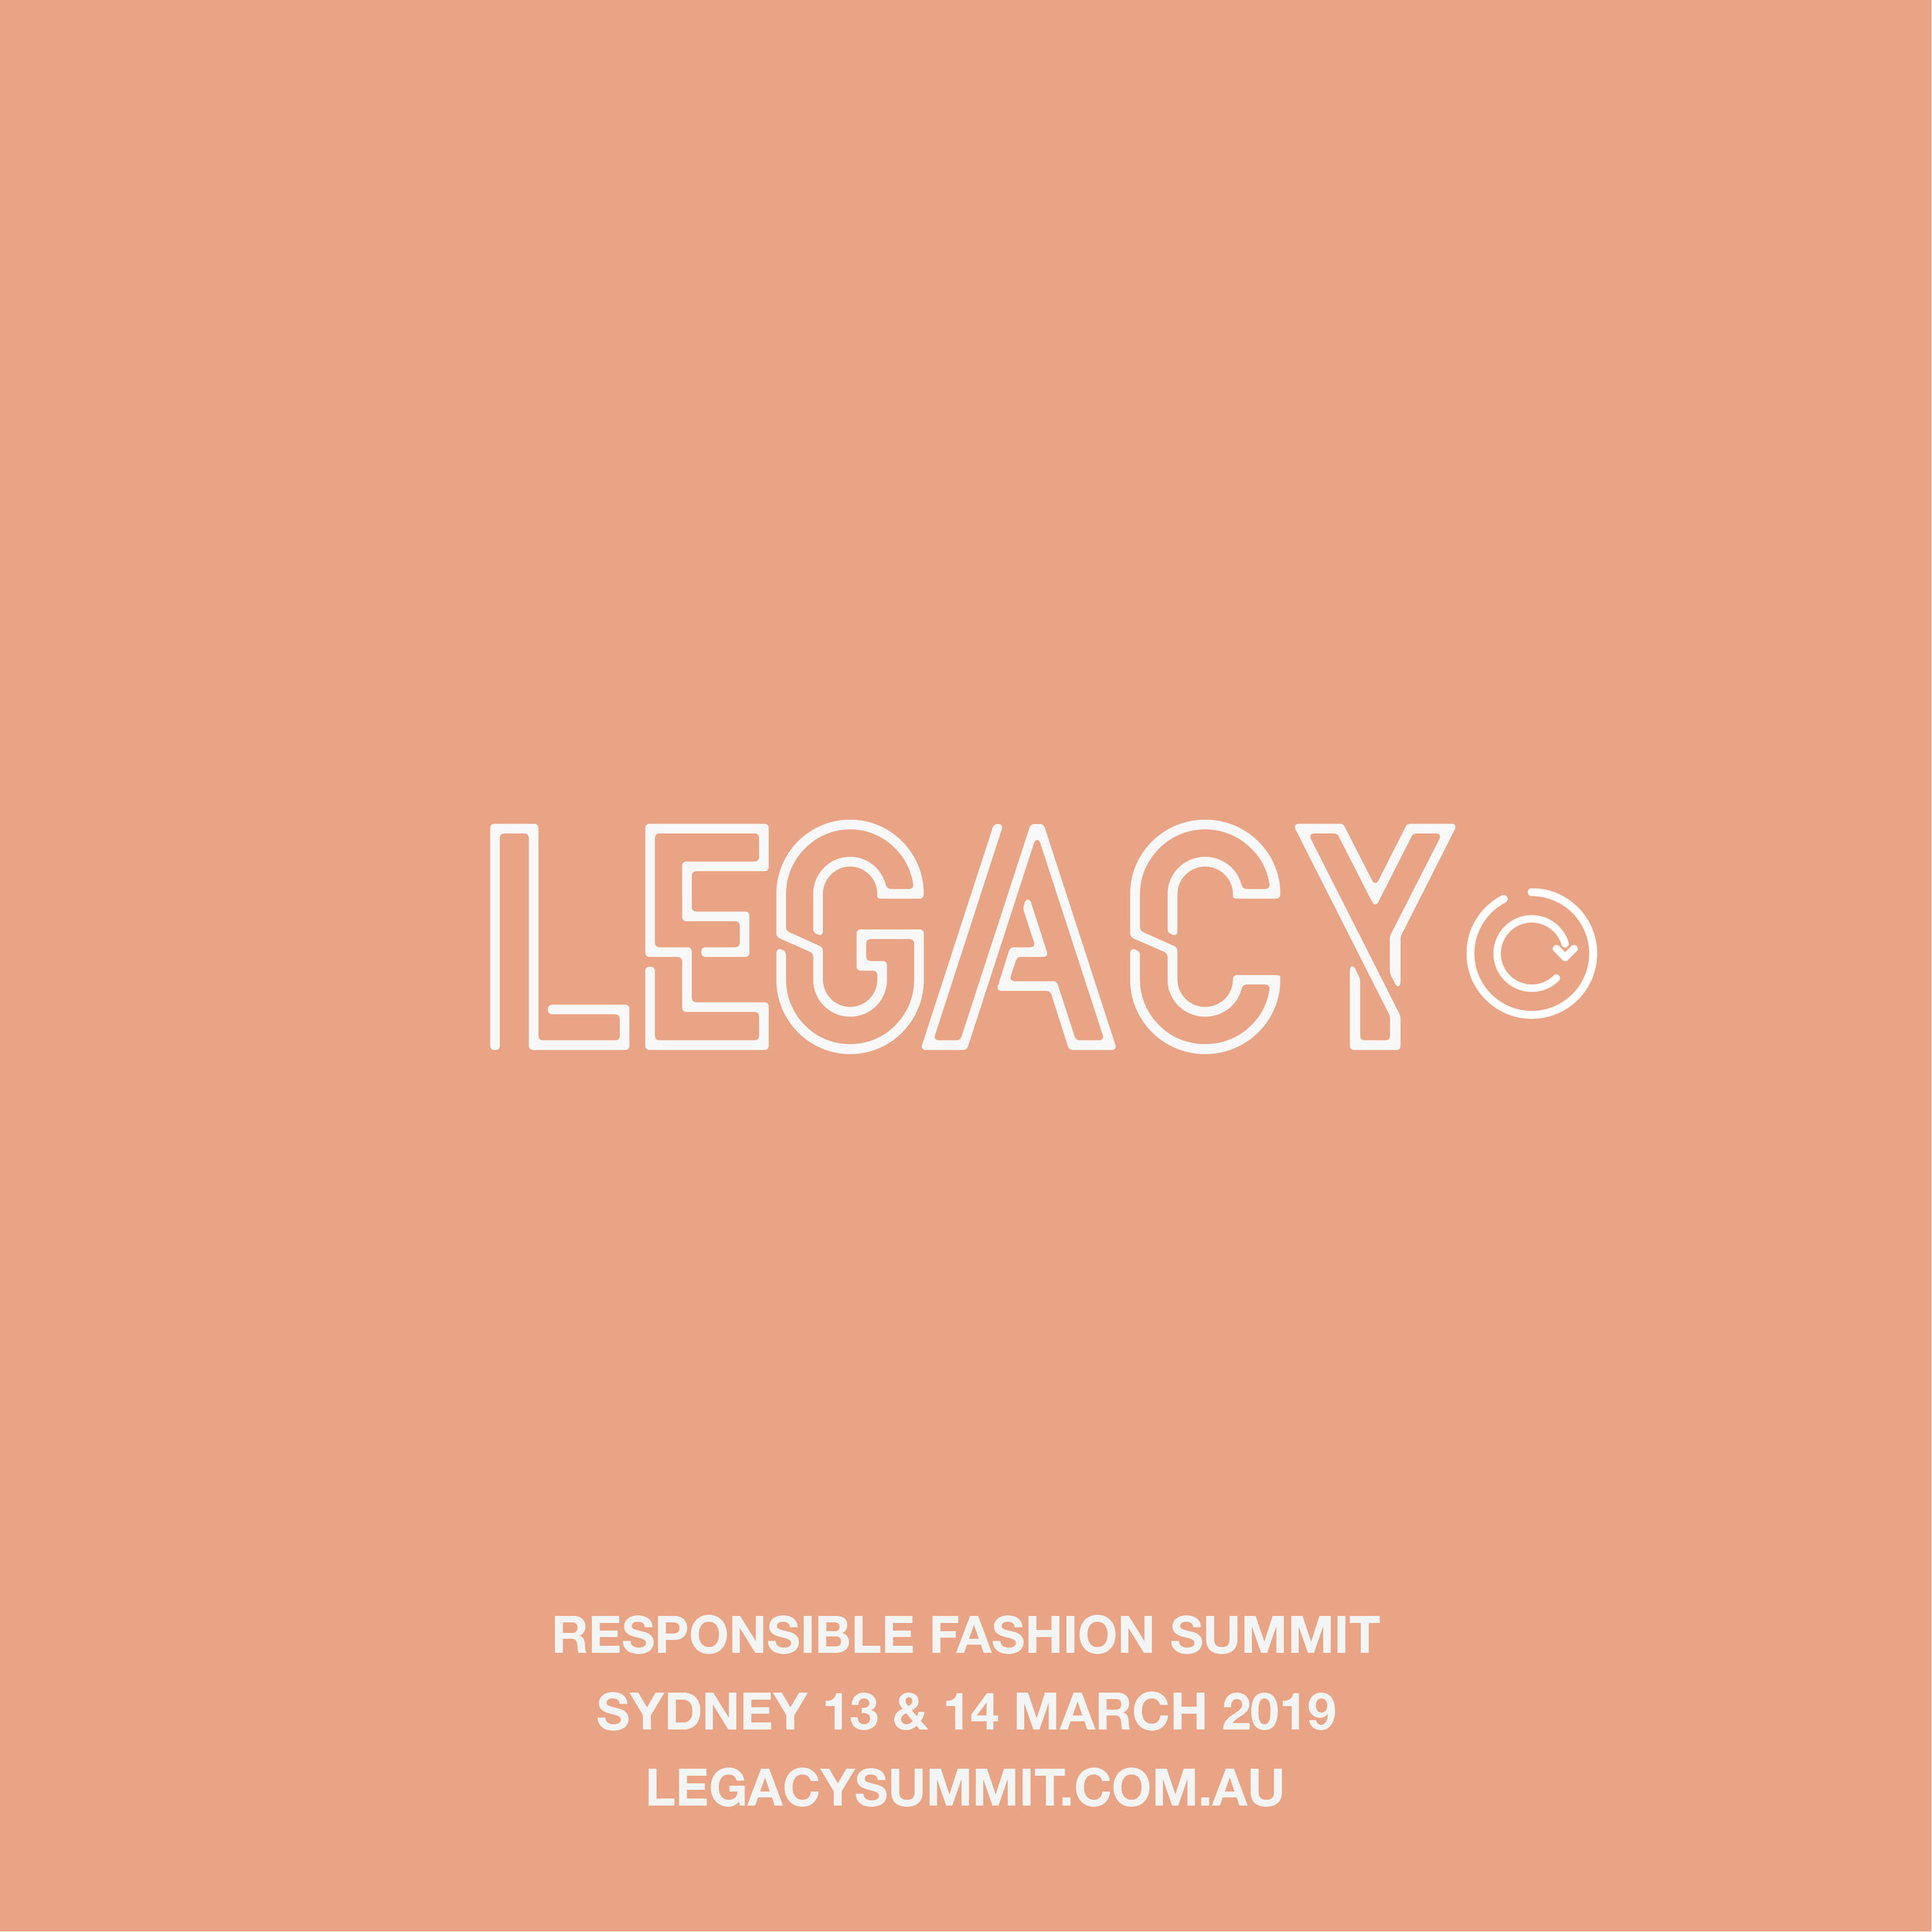 Legacy Summit.jpg